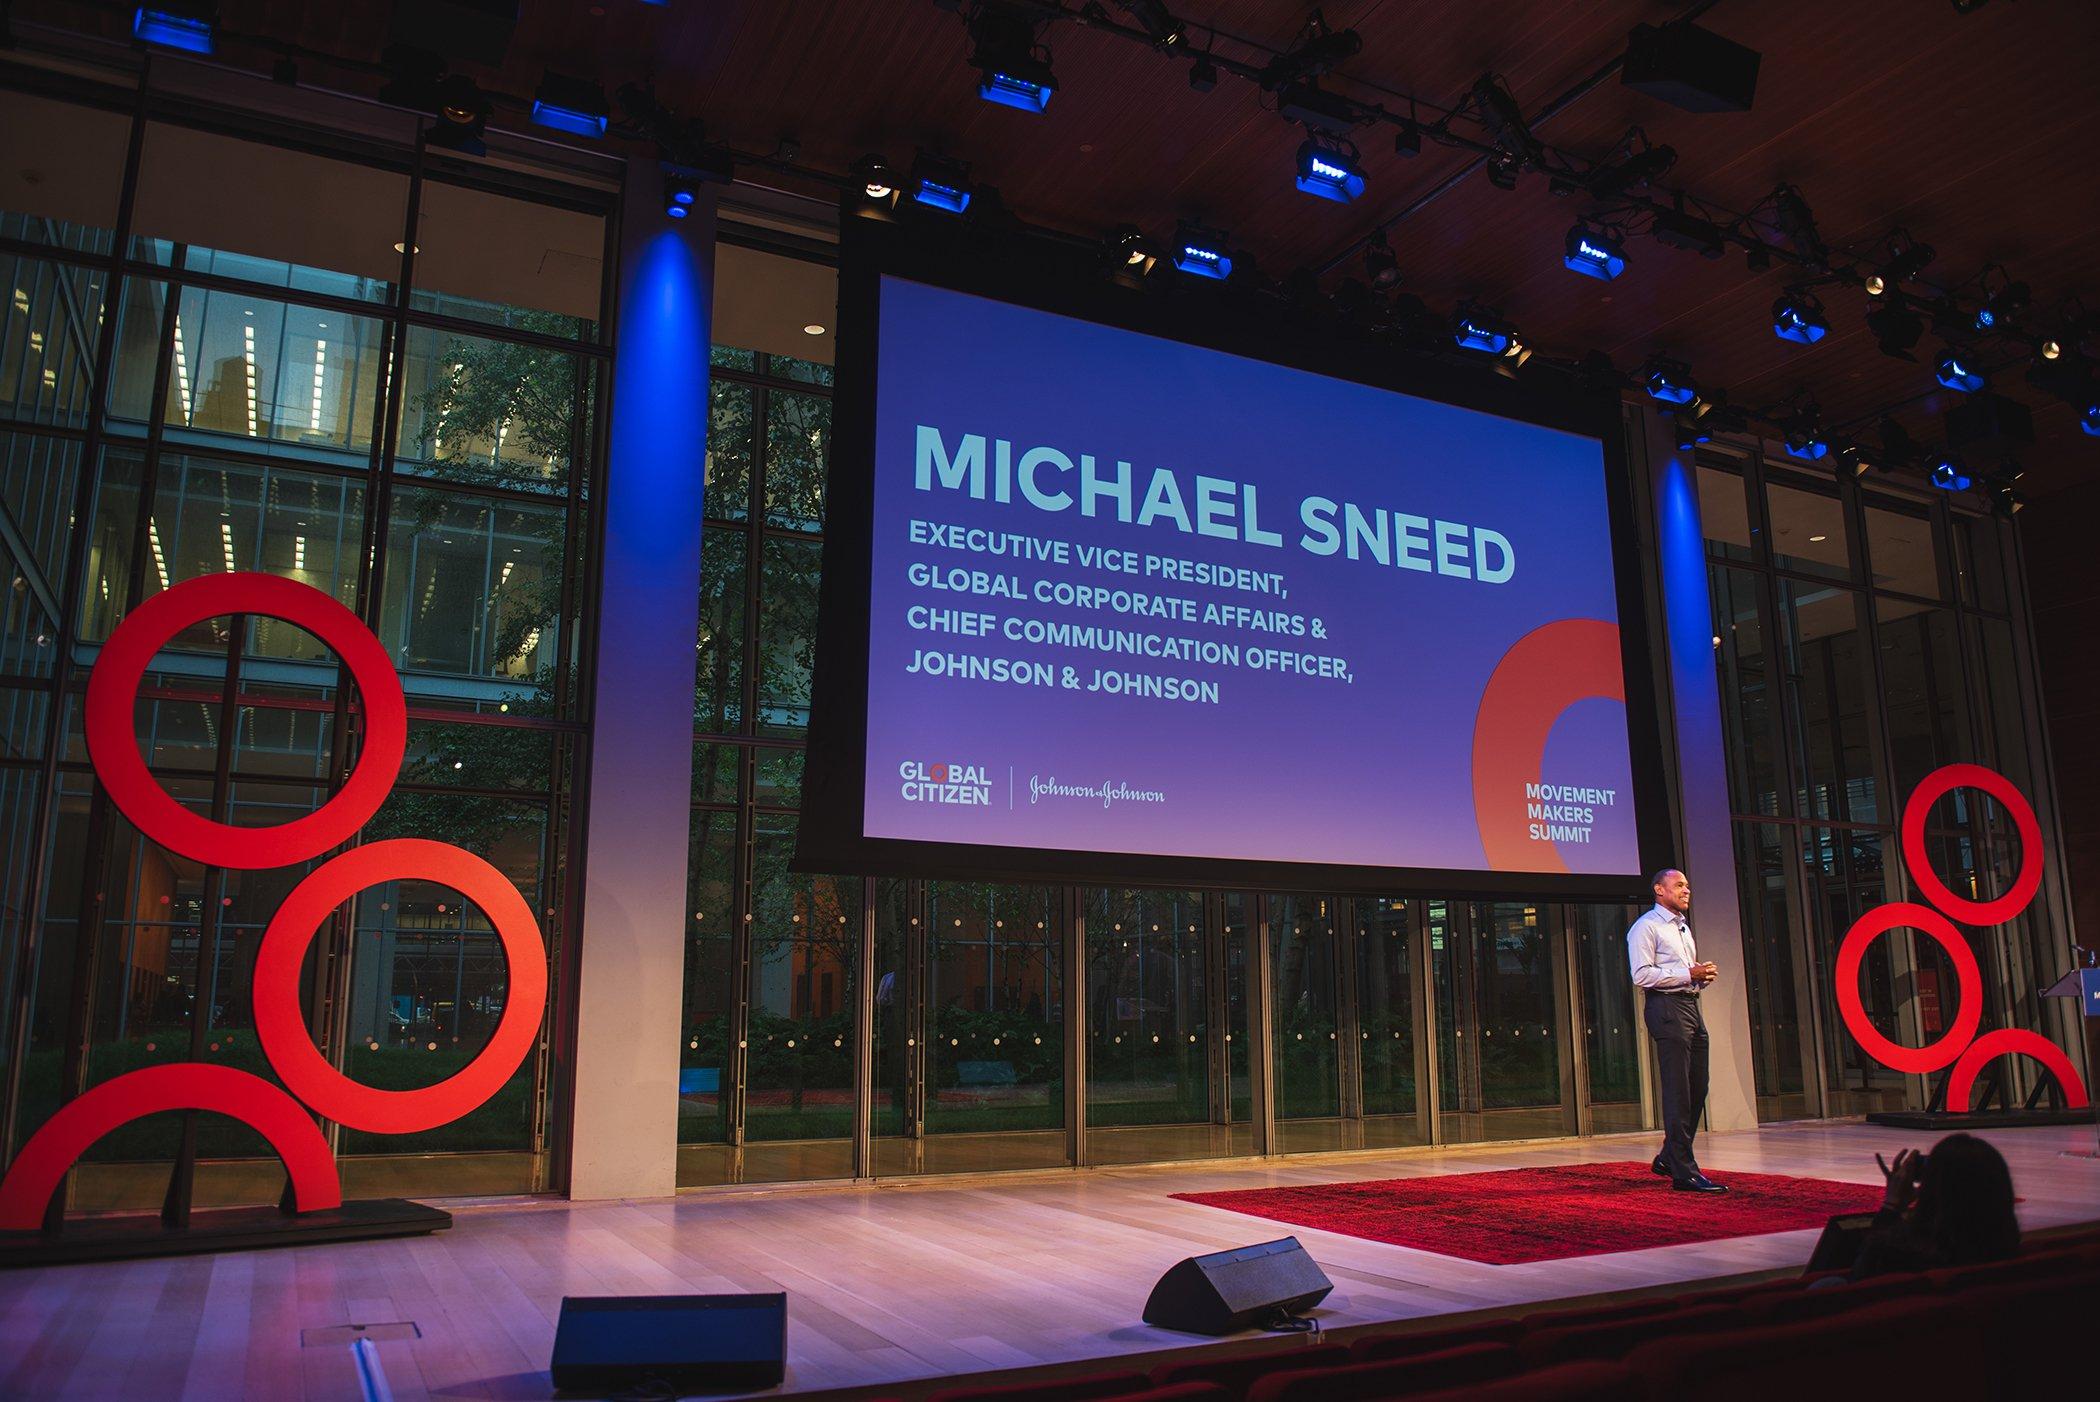 06 Michael Sneed 7877.jpg